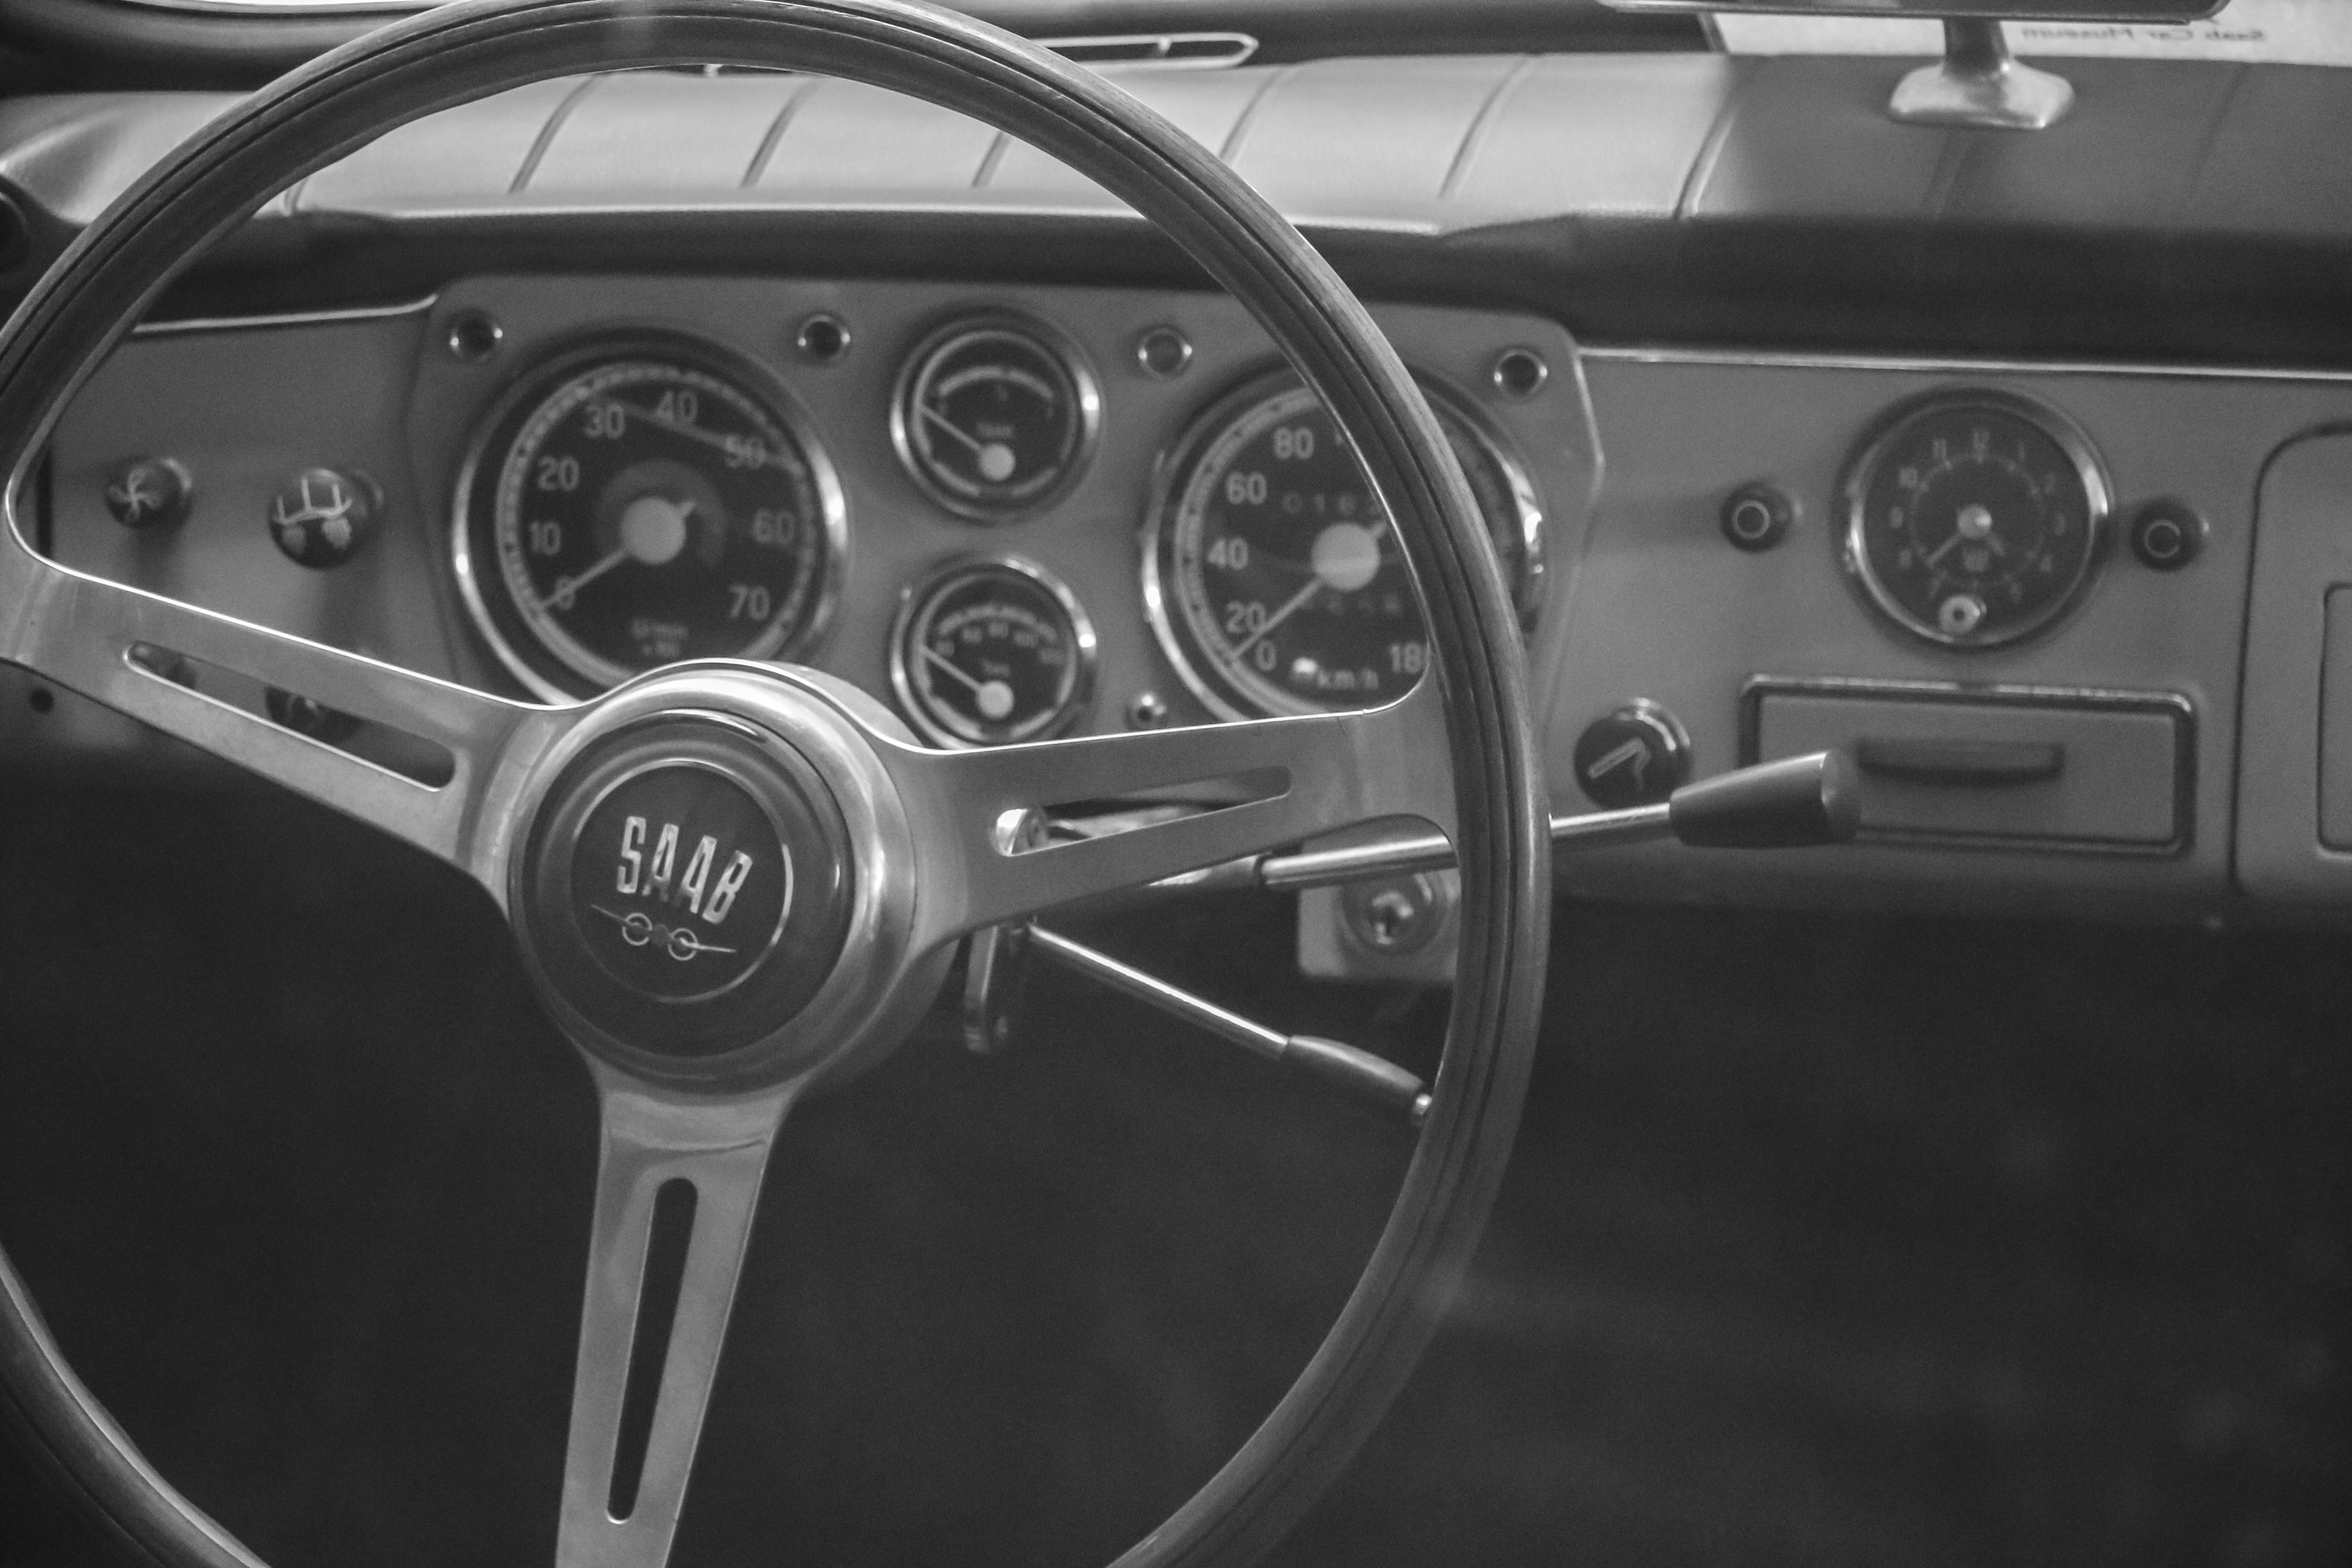 Saab salon, Old, Wheel, Theme, Steering, HQ Photo